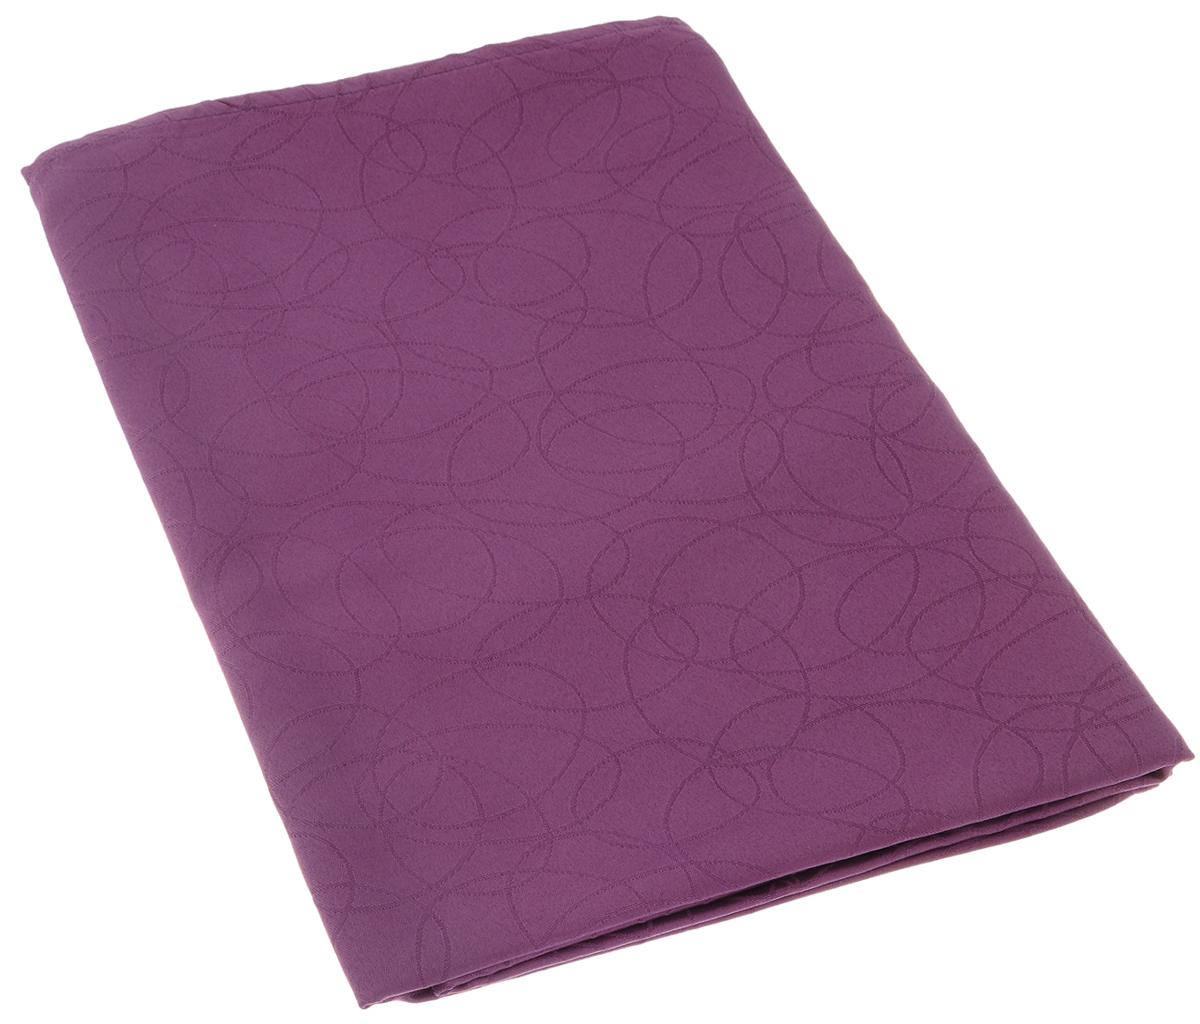 """Скатерть """"Schaefer"""", прямоугольная, цвет: фиолетовый, 130 х 160 см. 07547-427"""